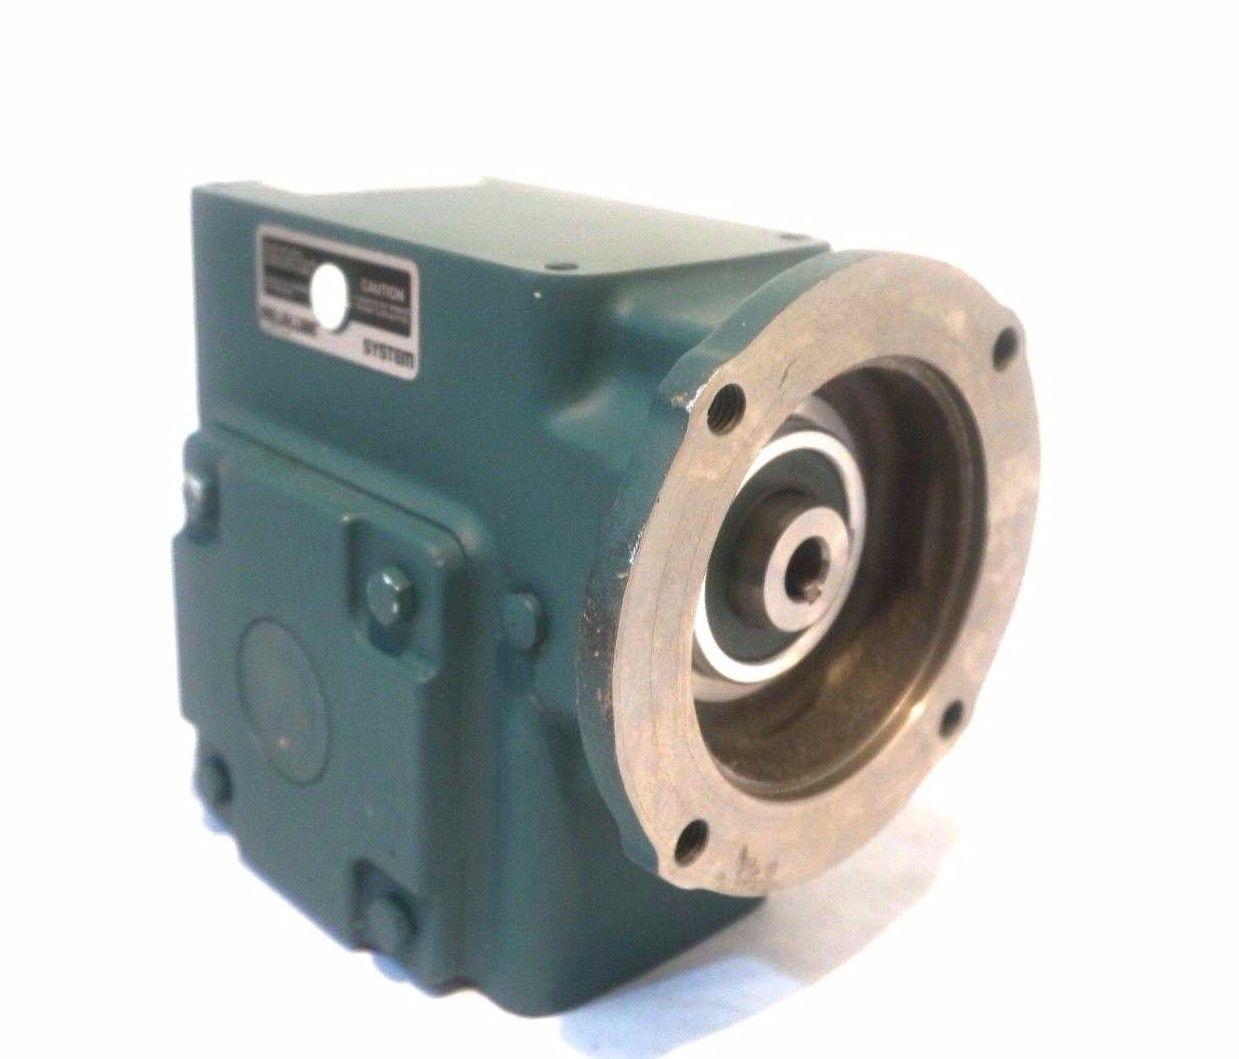 Pin Trailer Plug Wiring Diagram Additionally Ford F 150 Trailer Plug